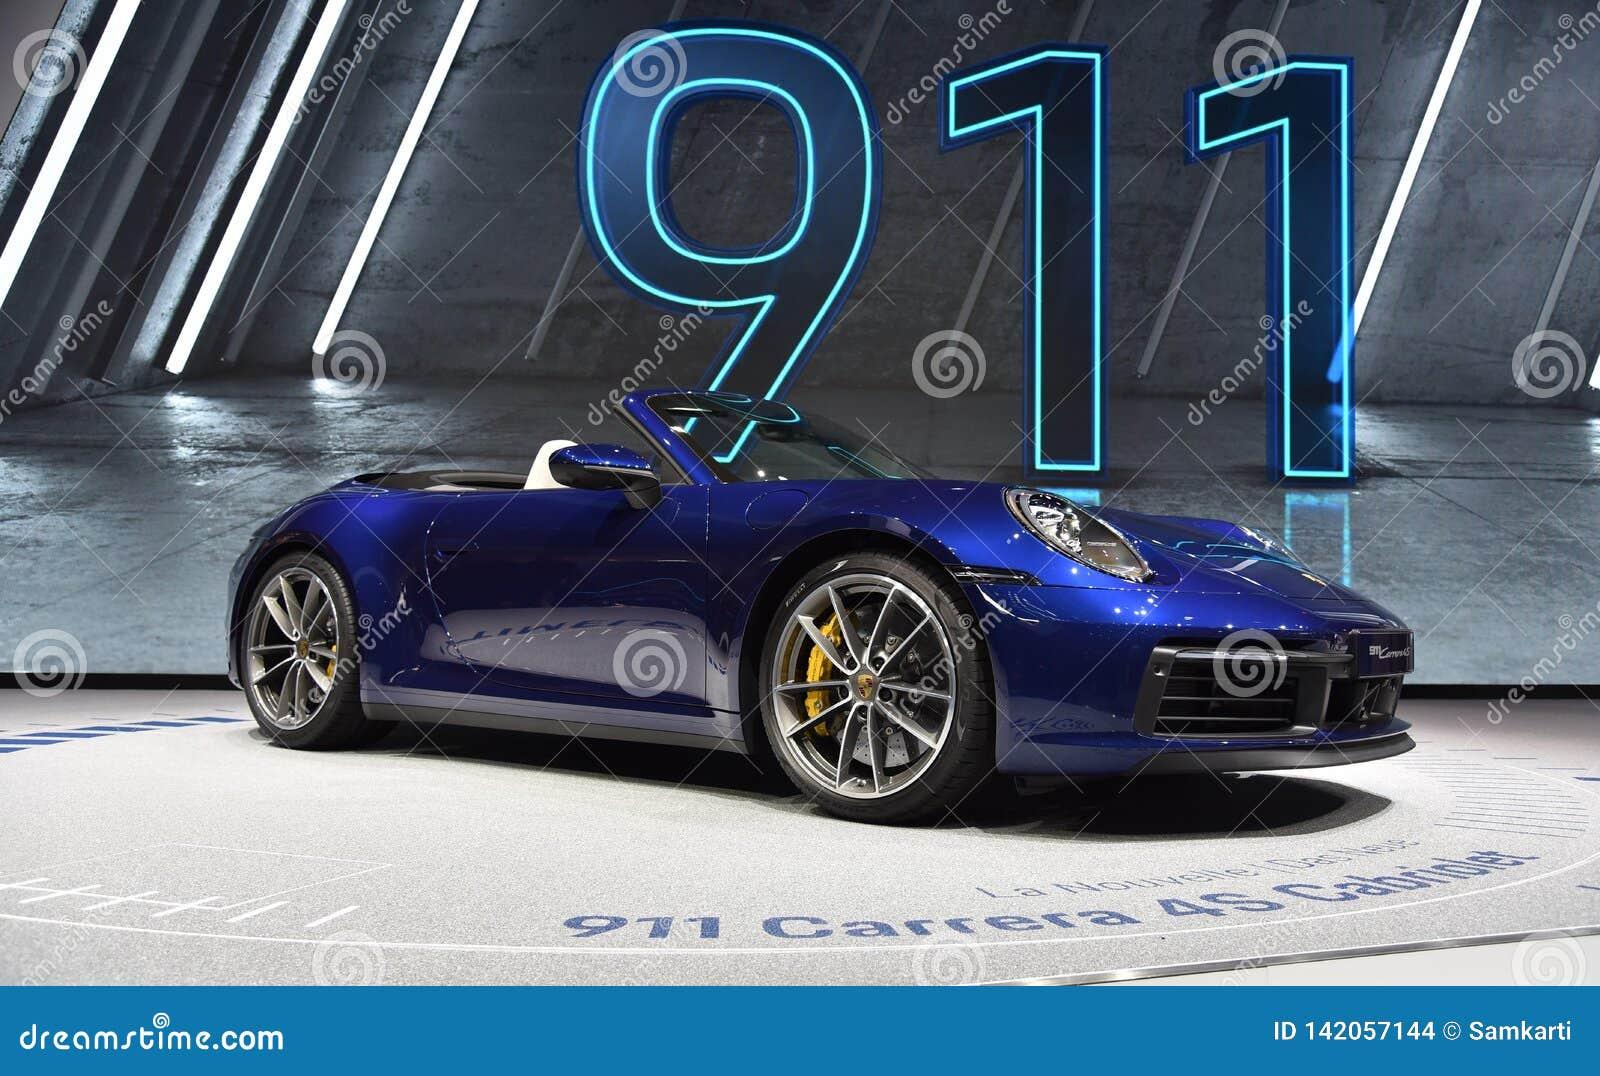 Genève, Suisse - 5 mars 2019 : La voiture de cabriolet de Porsche 911 Carrera 4s a présenté au quatre-vingt-dix-neuvième Salon de